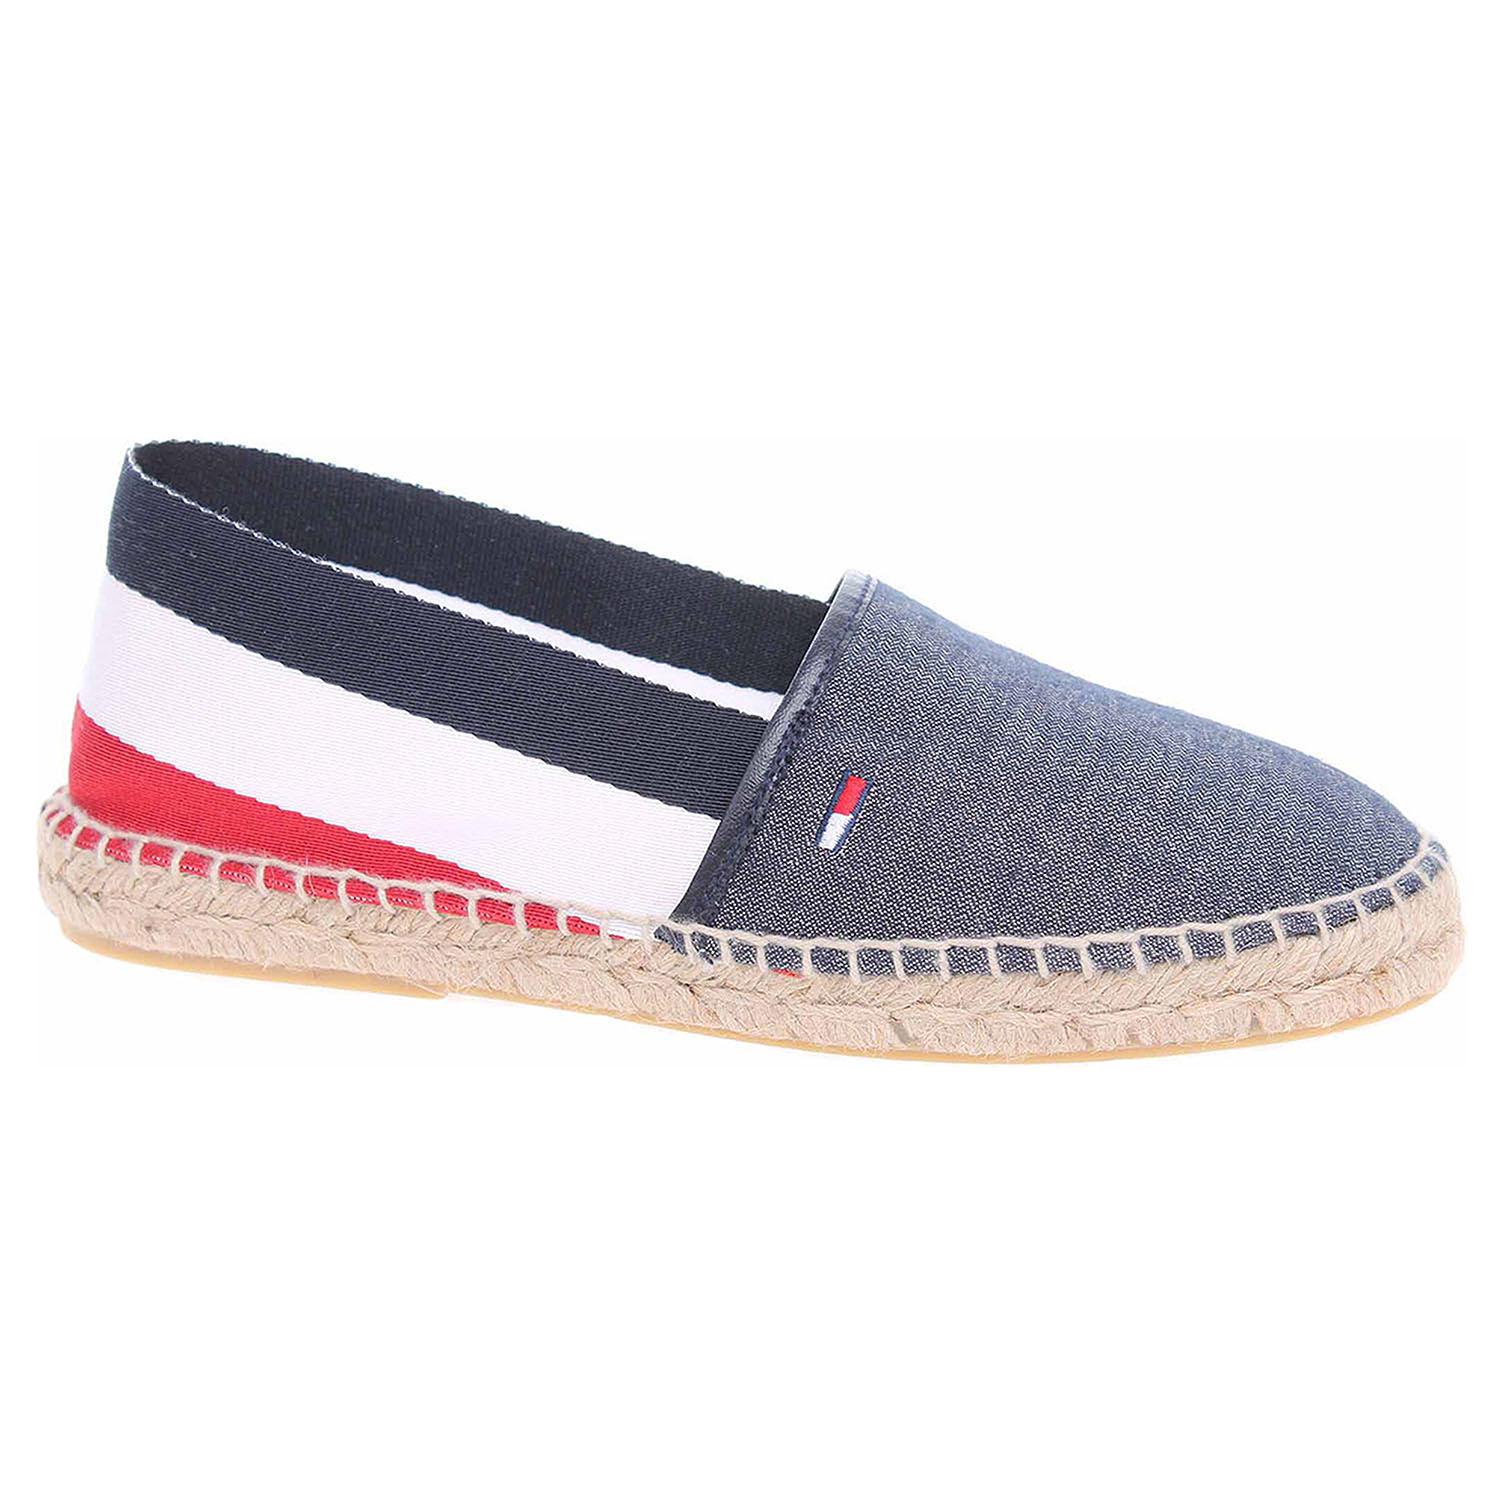 d5b5572ce5 detail Dámská obuv Tommy Hilfiger EN0EN00174 020 rwb